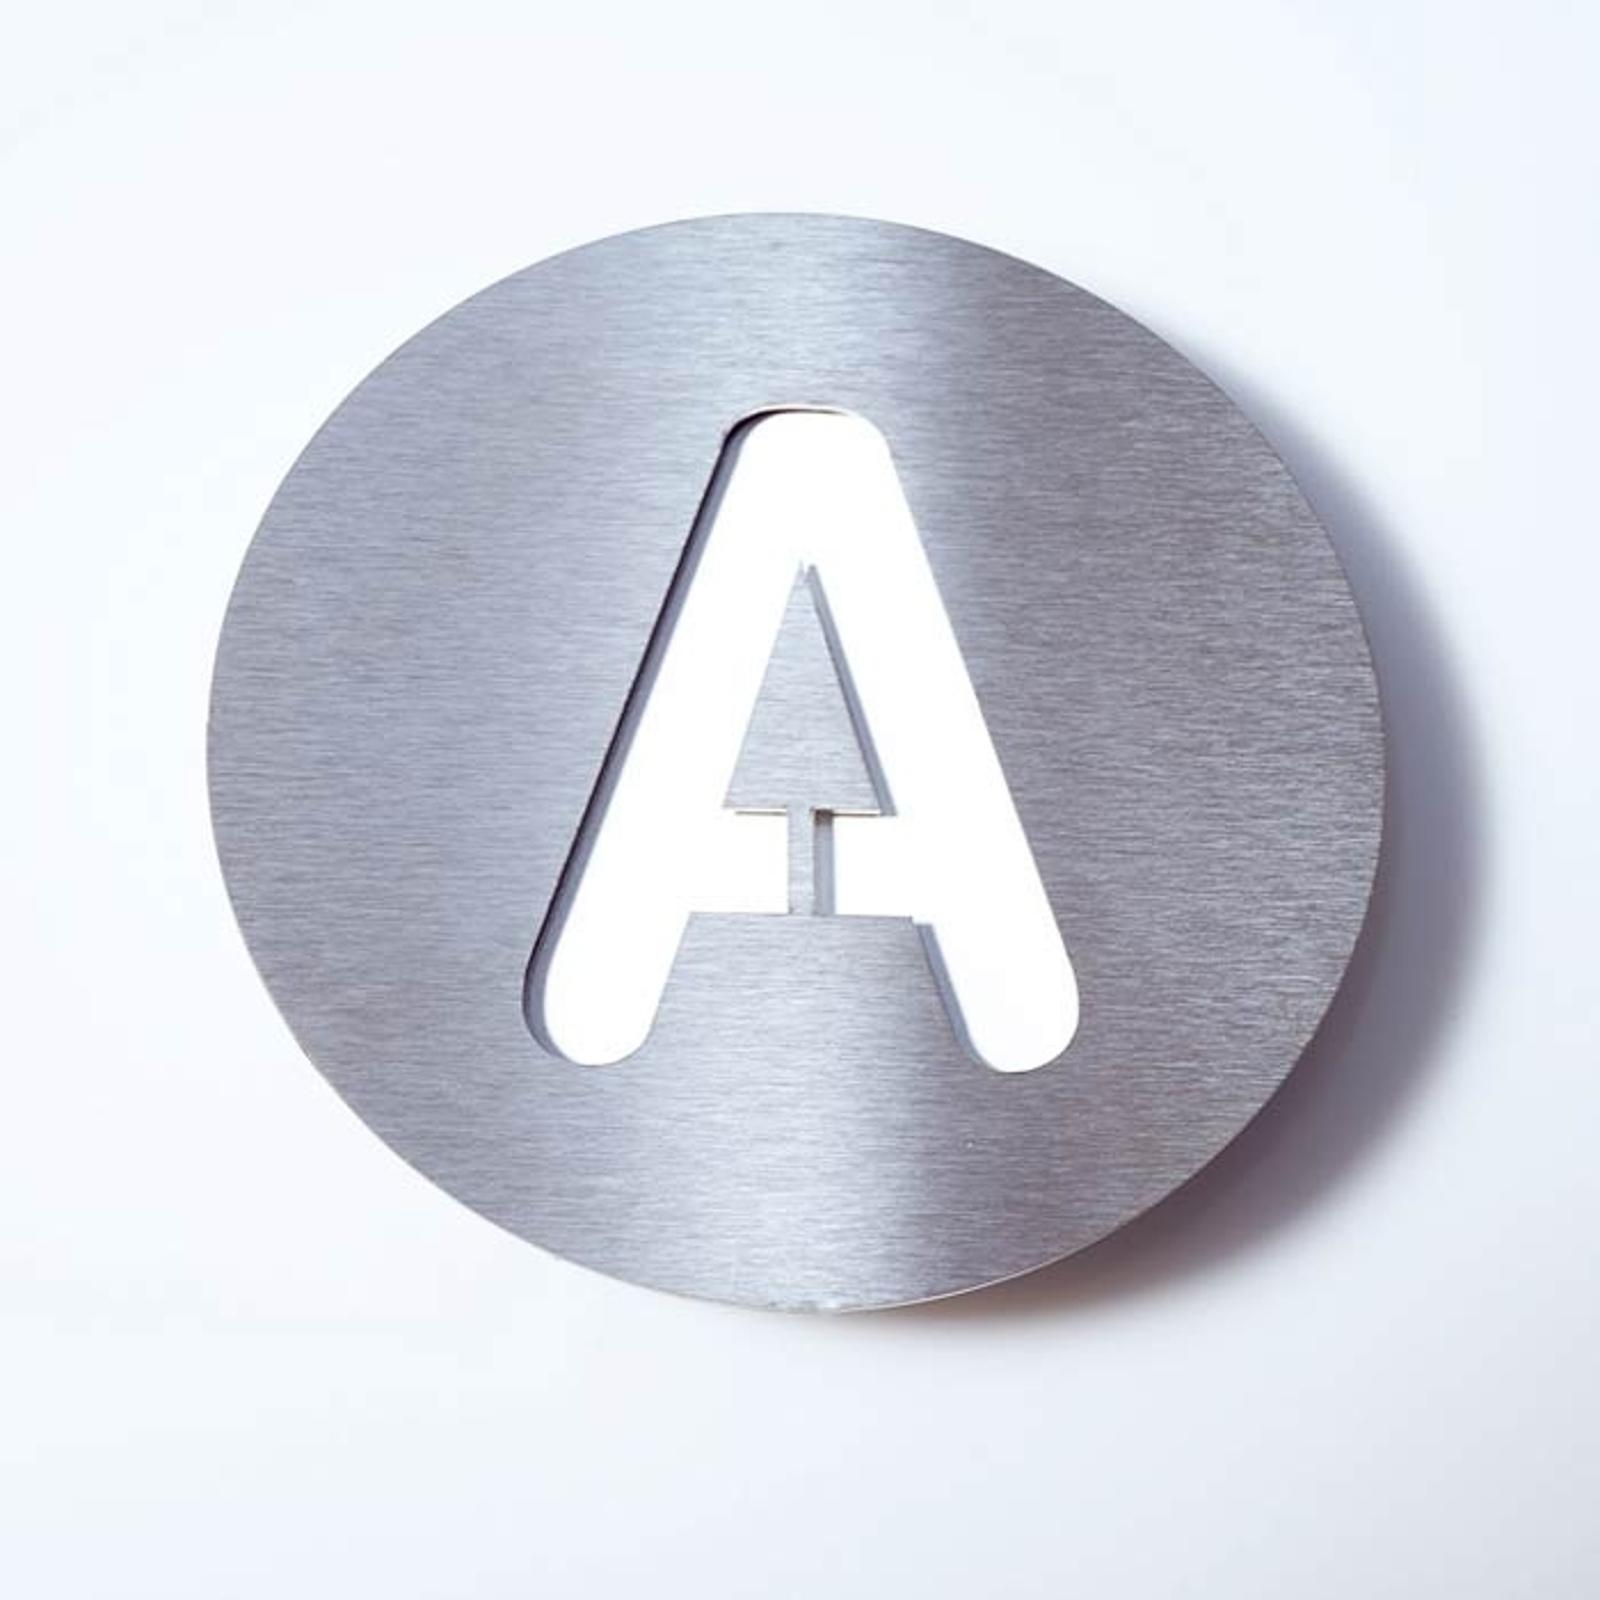 Numero civico di acciaio inossidabile Round - A